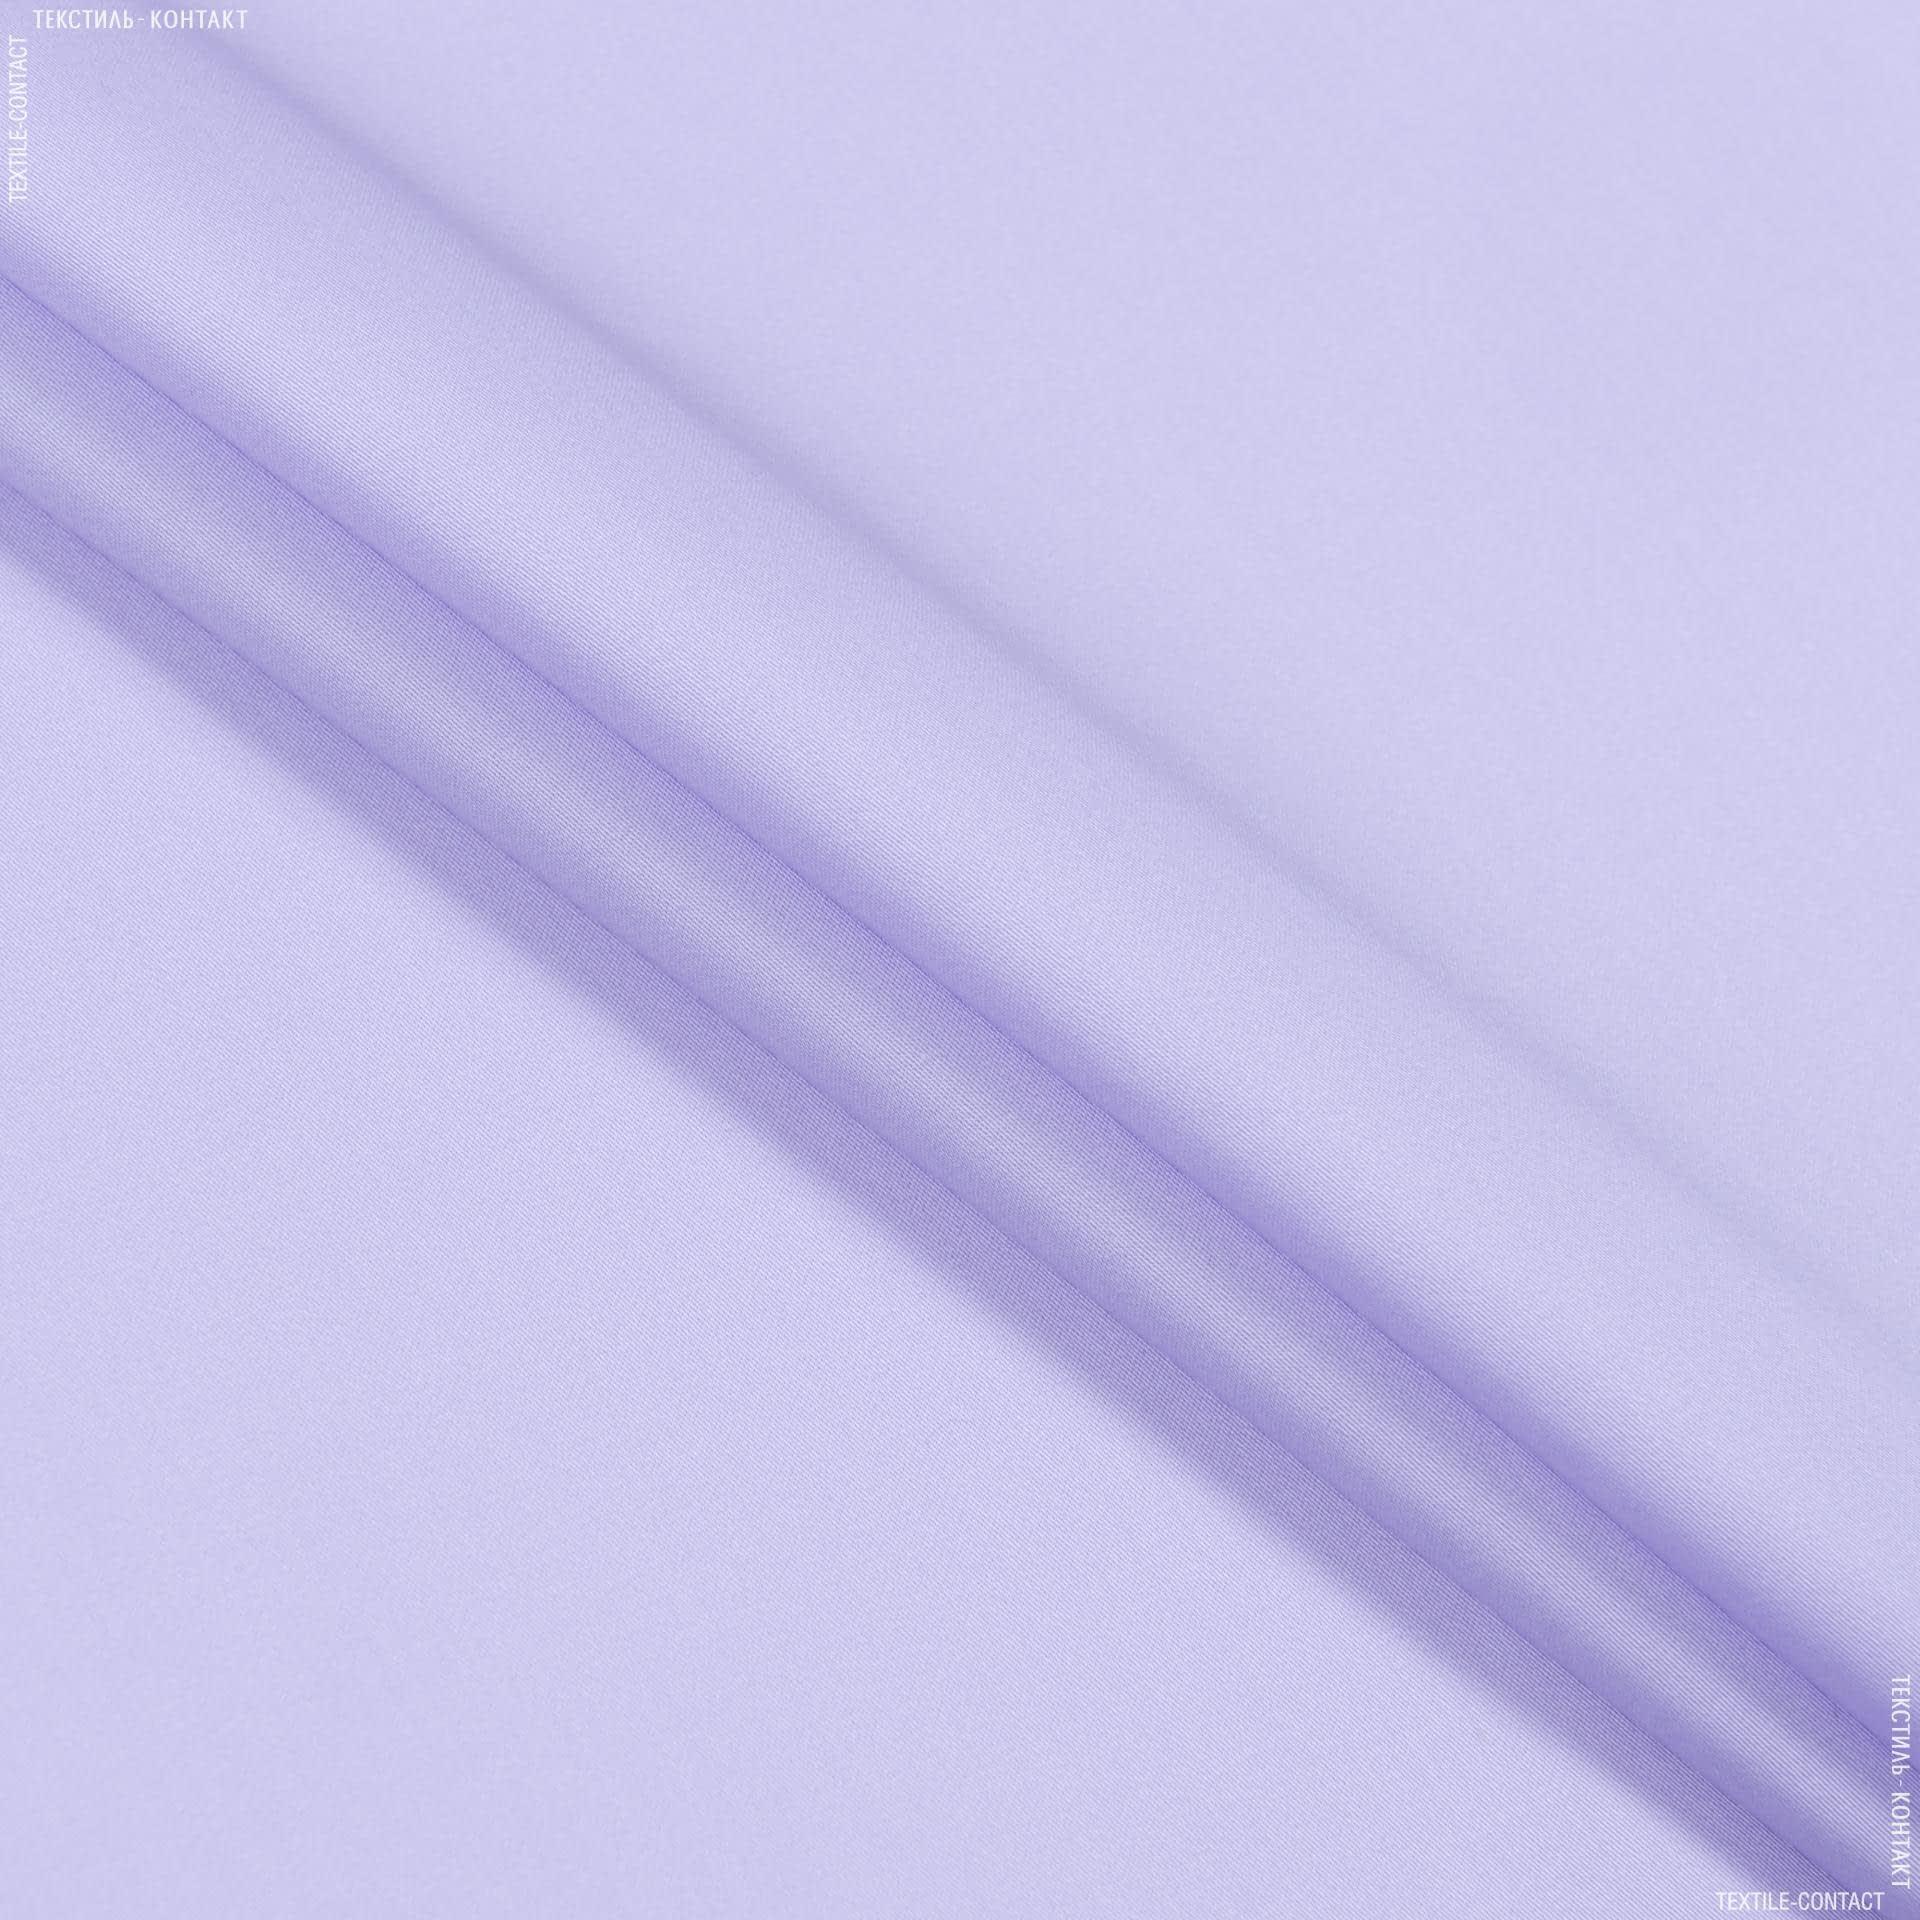 Ткани для платьев - Сорочечная бергамо сатен светло-сиреневый